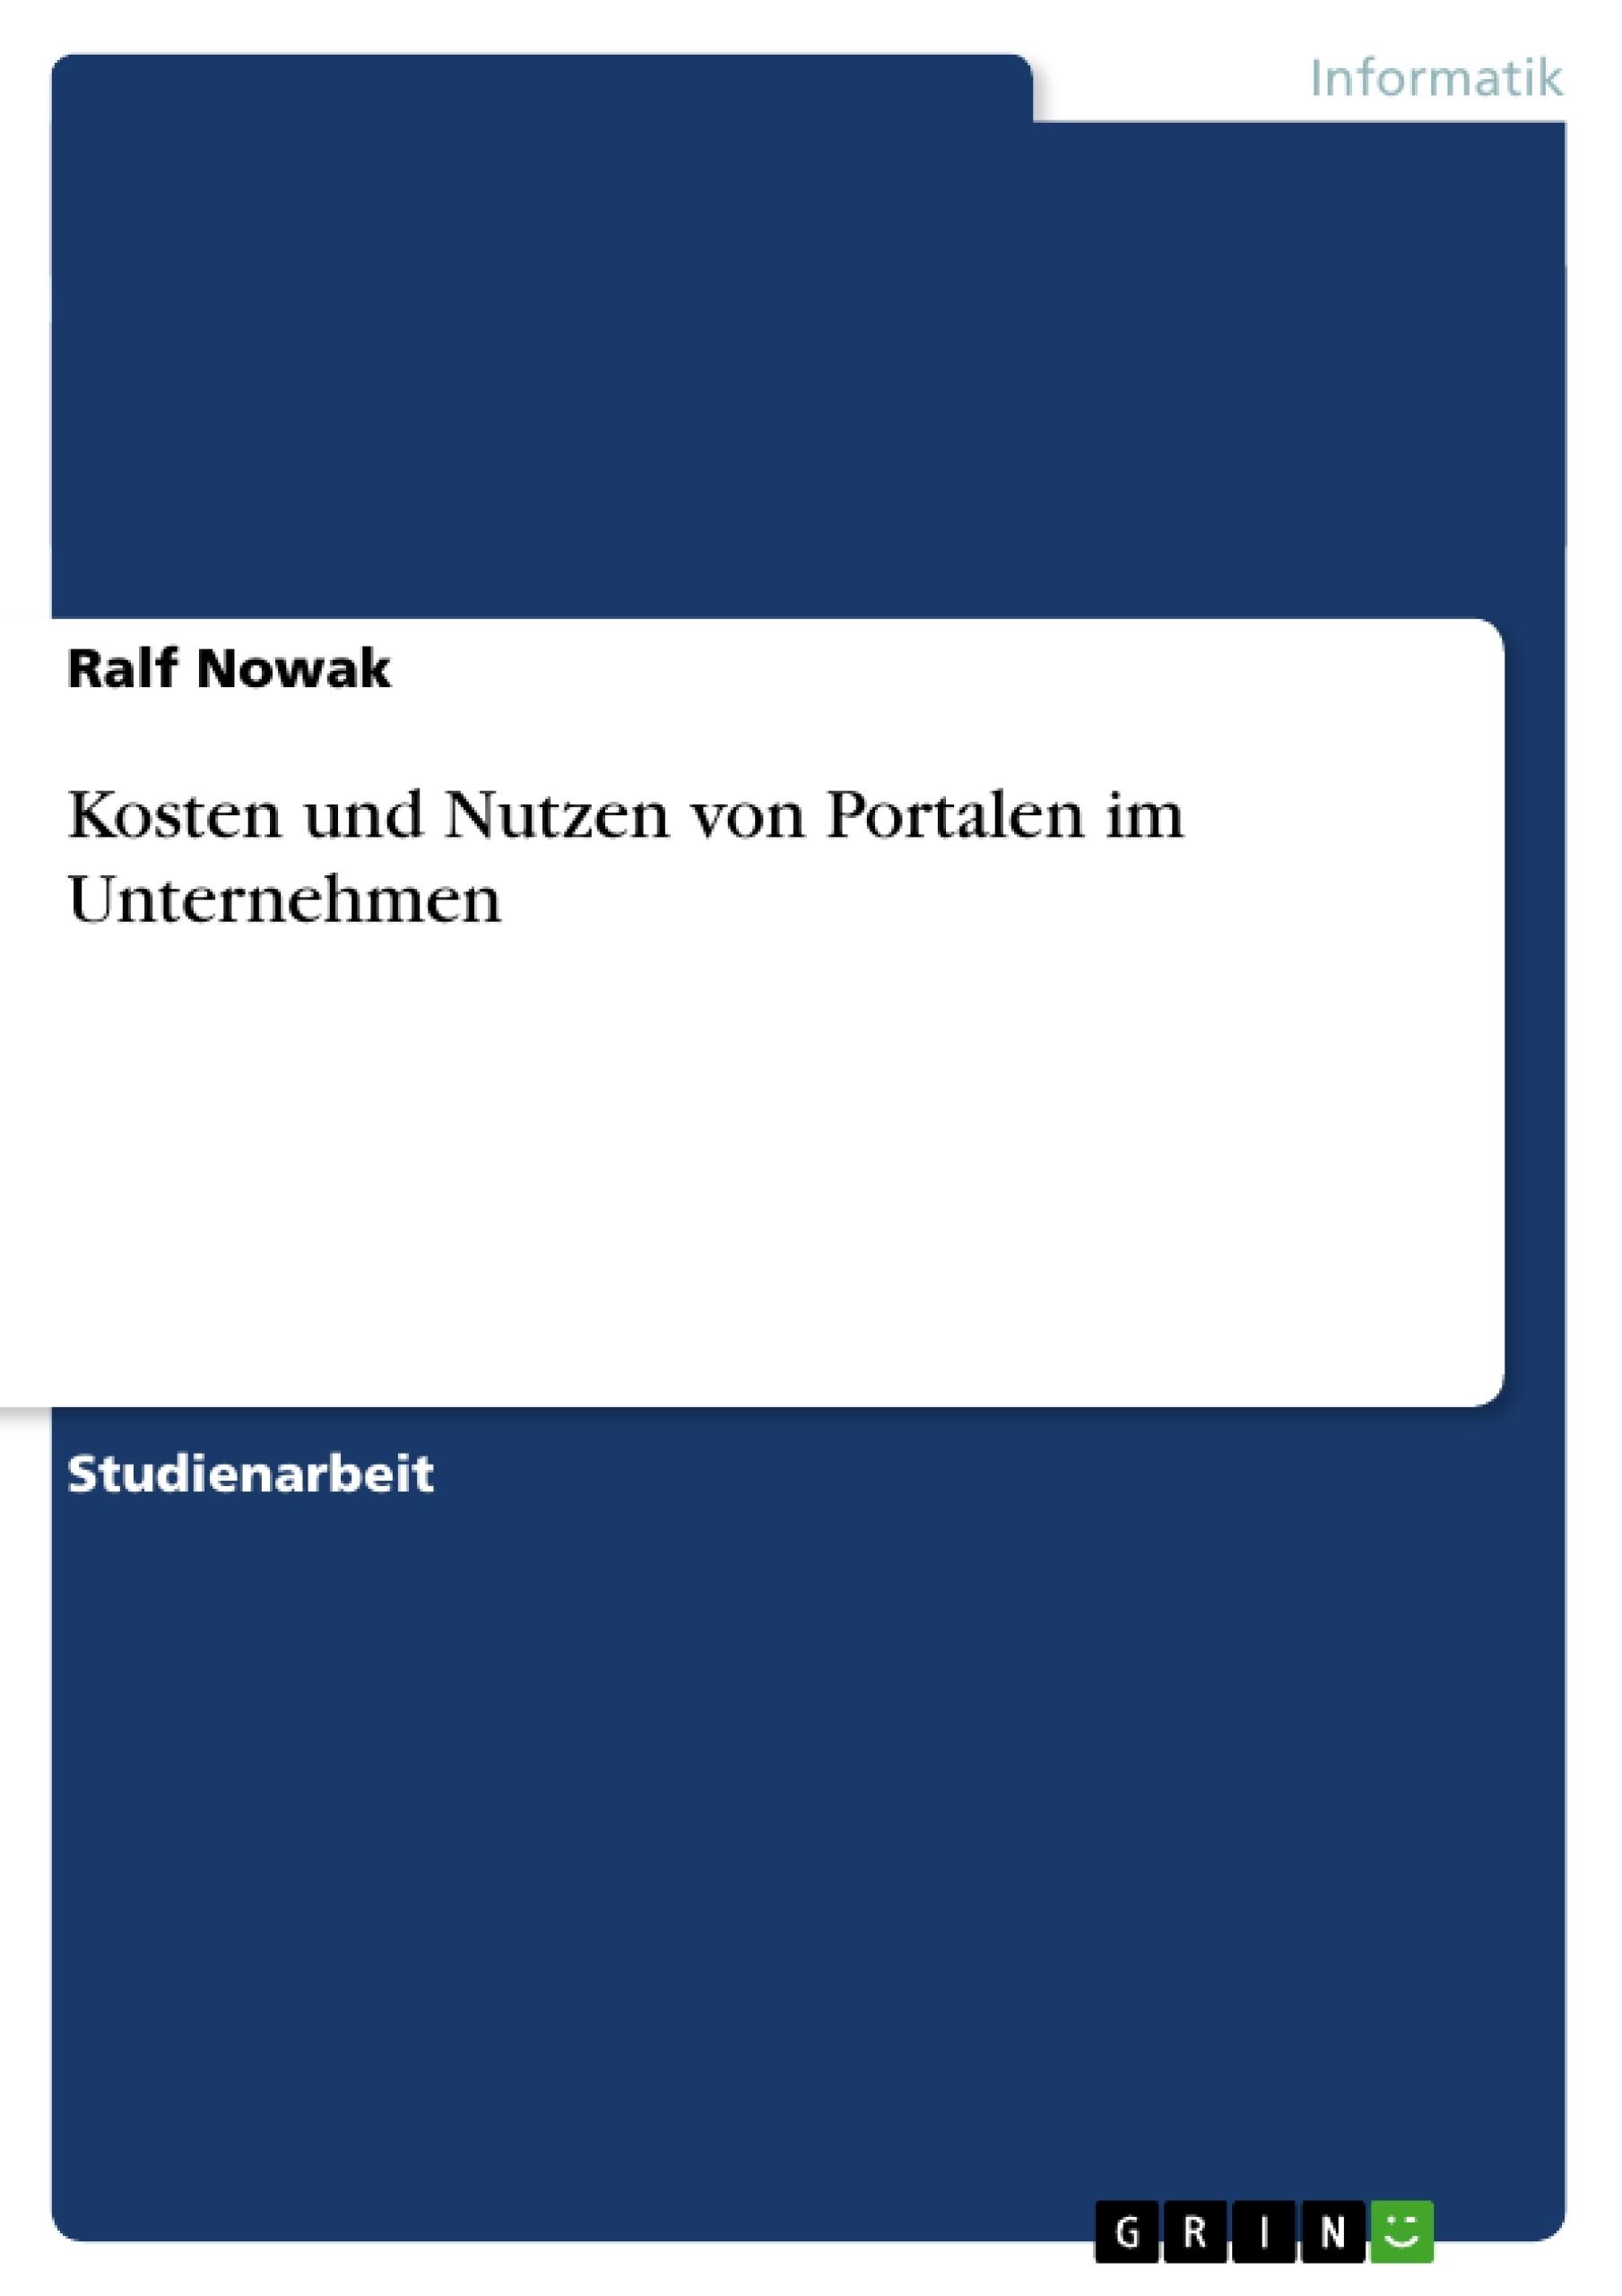 Titel: Kosten und Nutzen von Portalen im Unternehmen